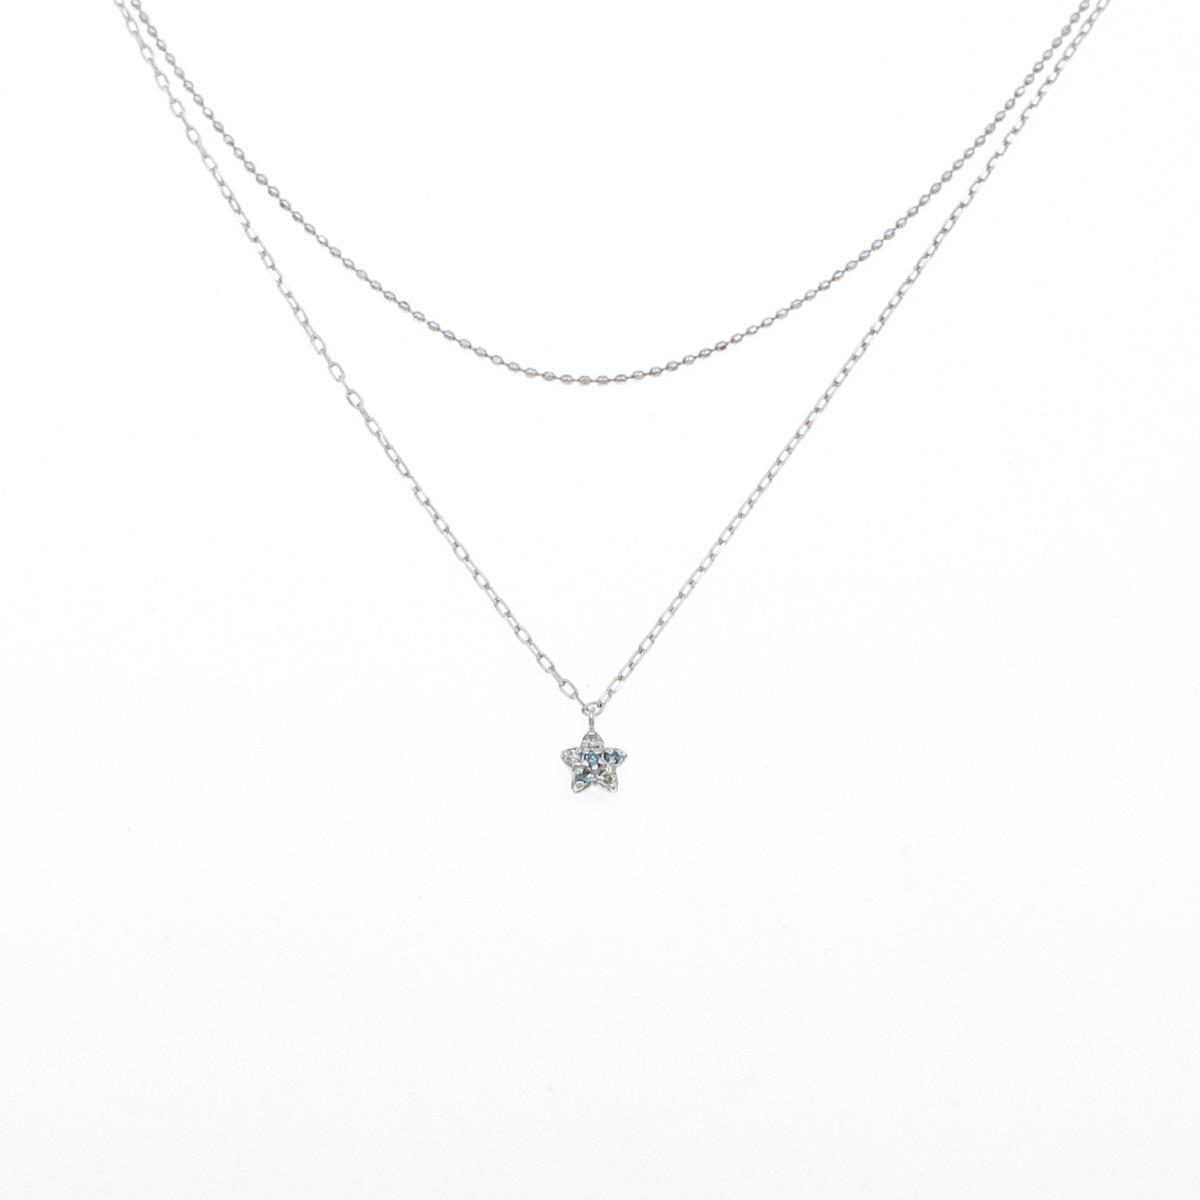 売れ筋 K14WG スター 早割クーポン ダイヤモンドネックレス 中古